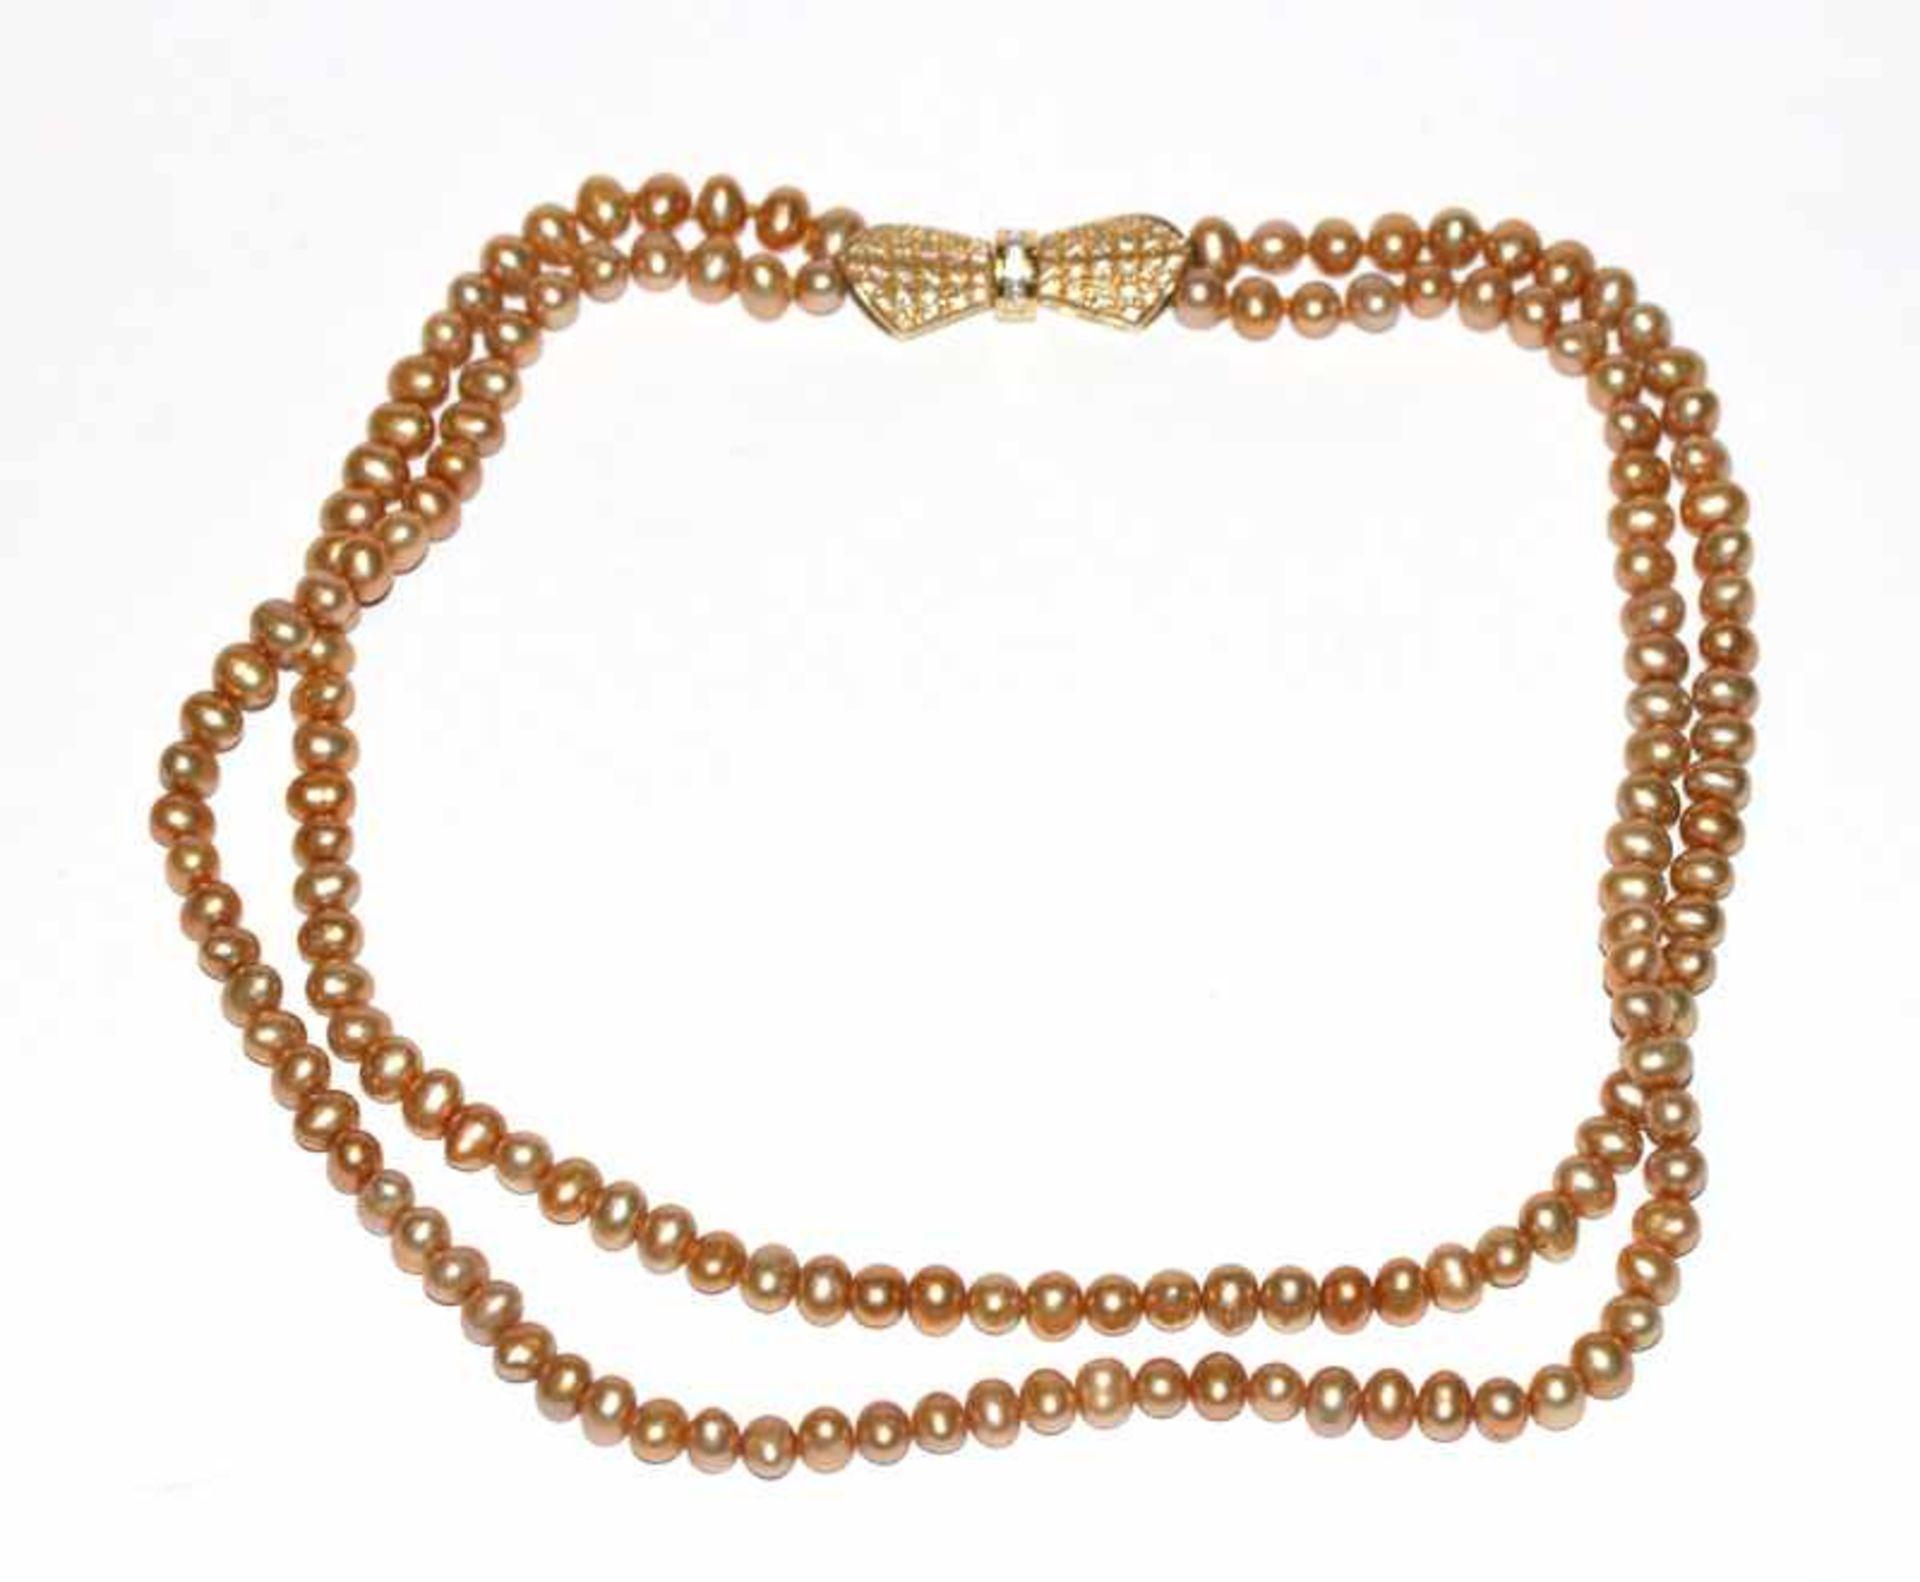 Los 47 - Perlenkette, 2-reihig mit 18 k Gelbgold Schließe, besetzt mit 63 Diamanten, L 40 cm, schöne